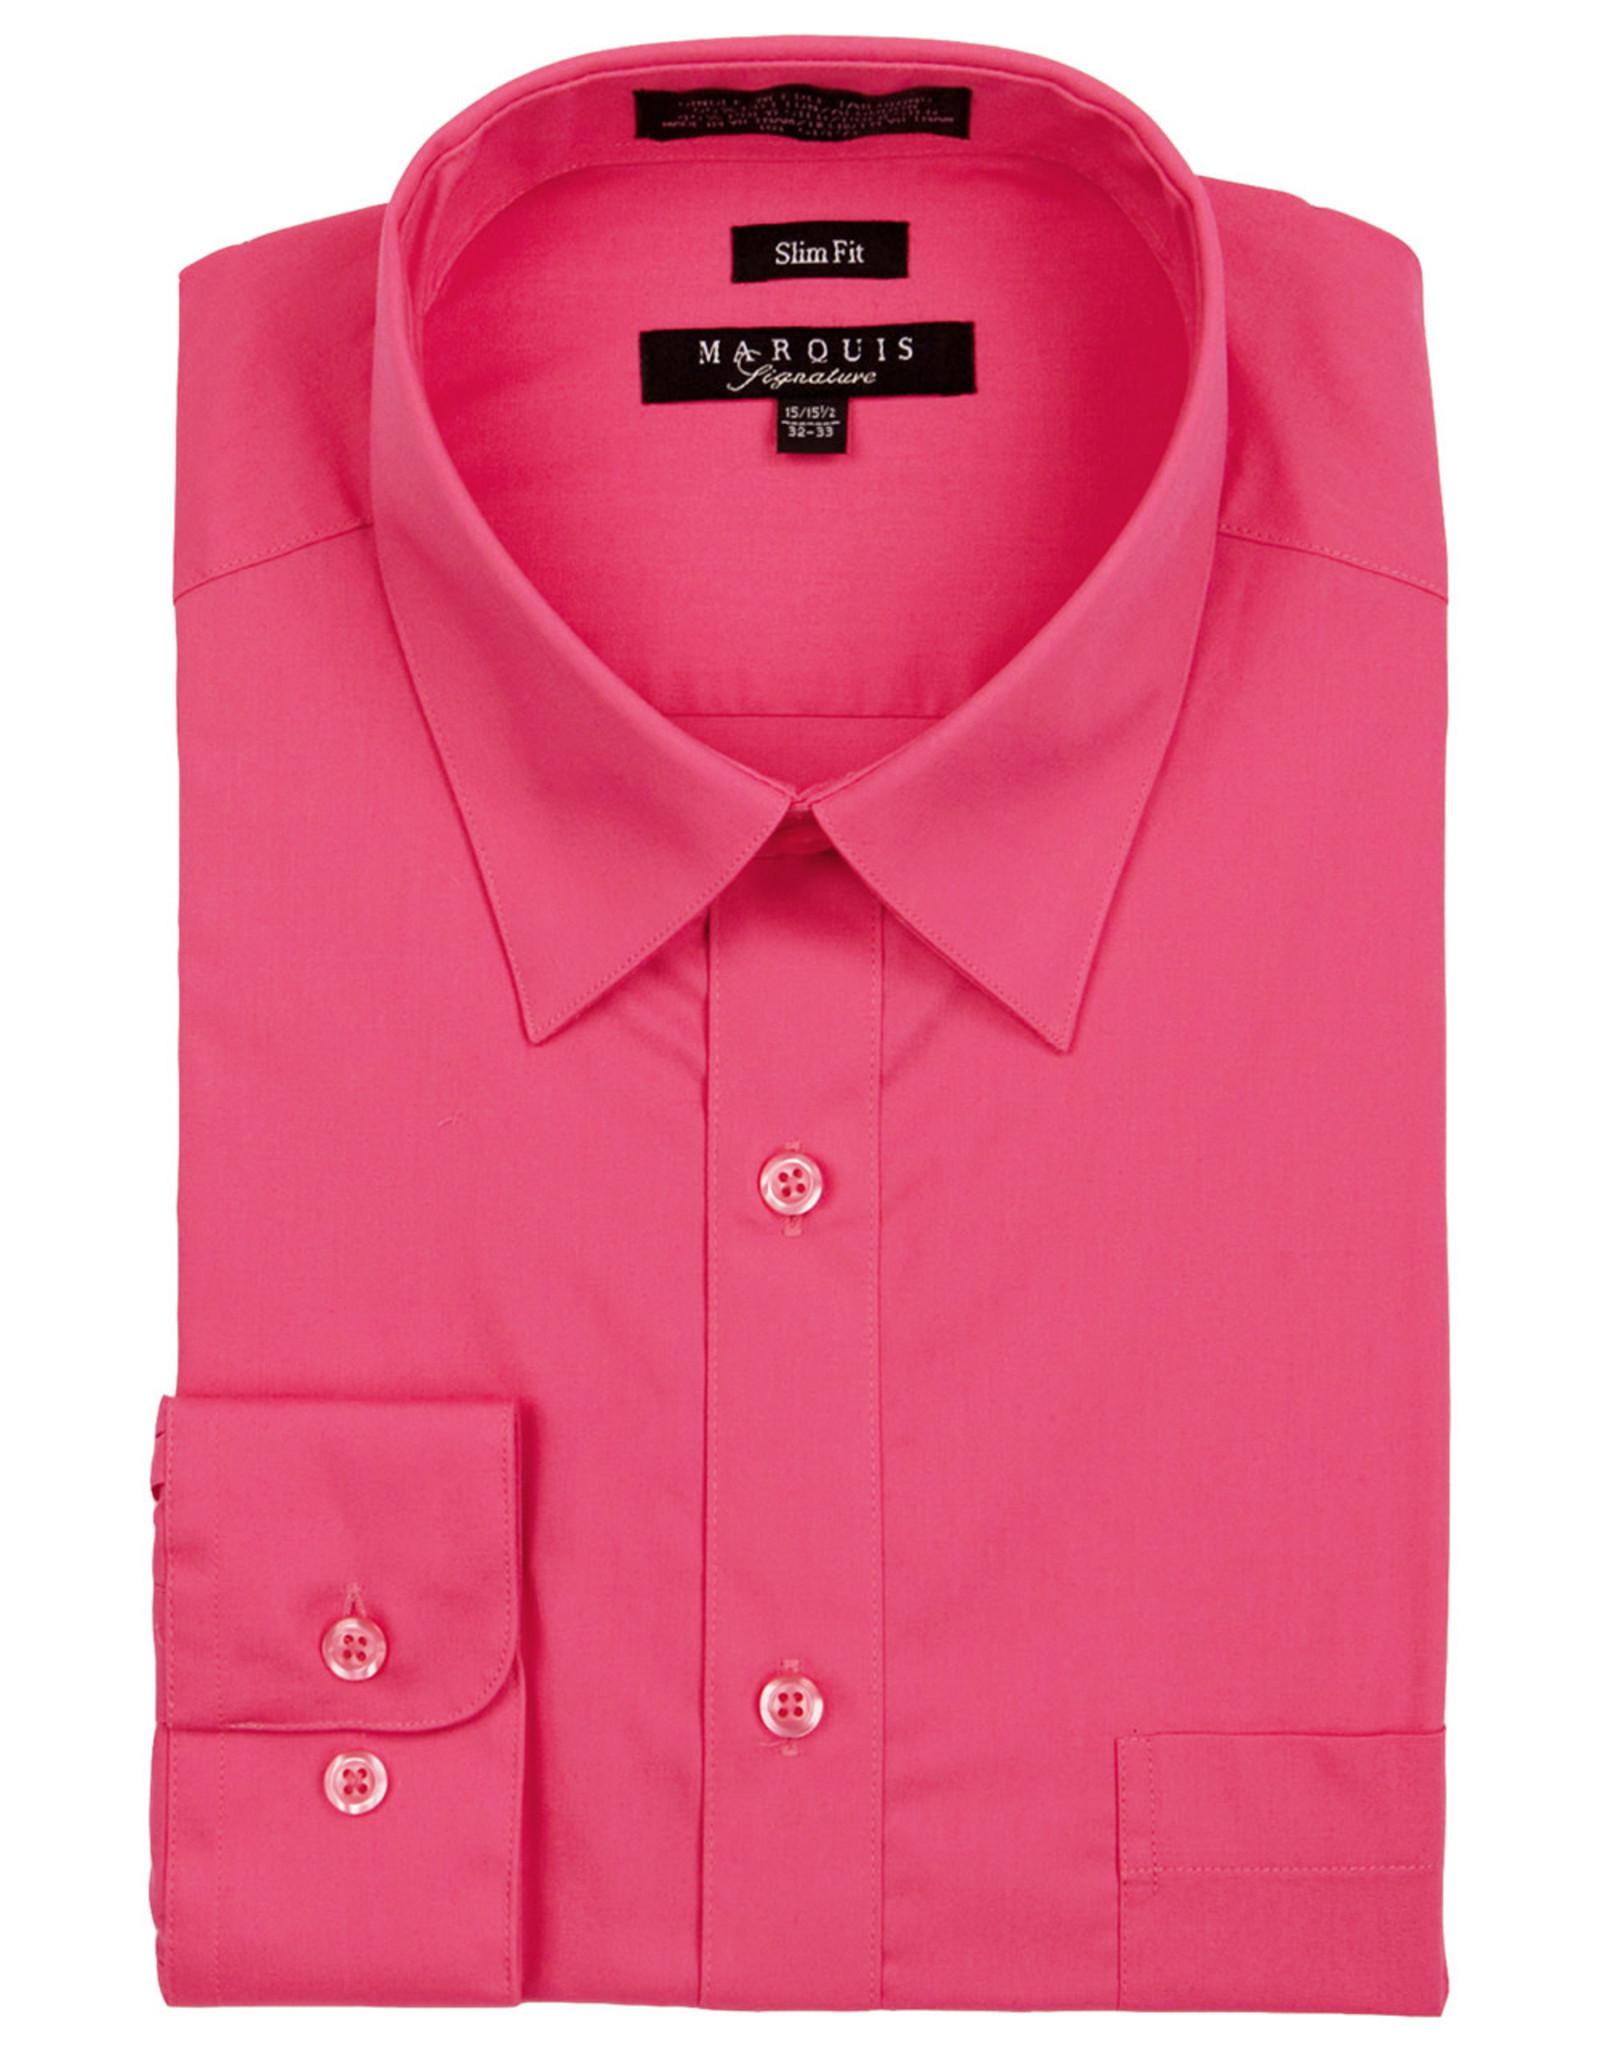 Marquis Dress Shirt MarQuis Slim Fit Fuchsia